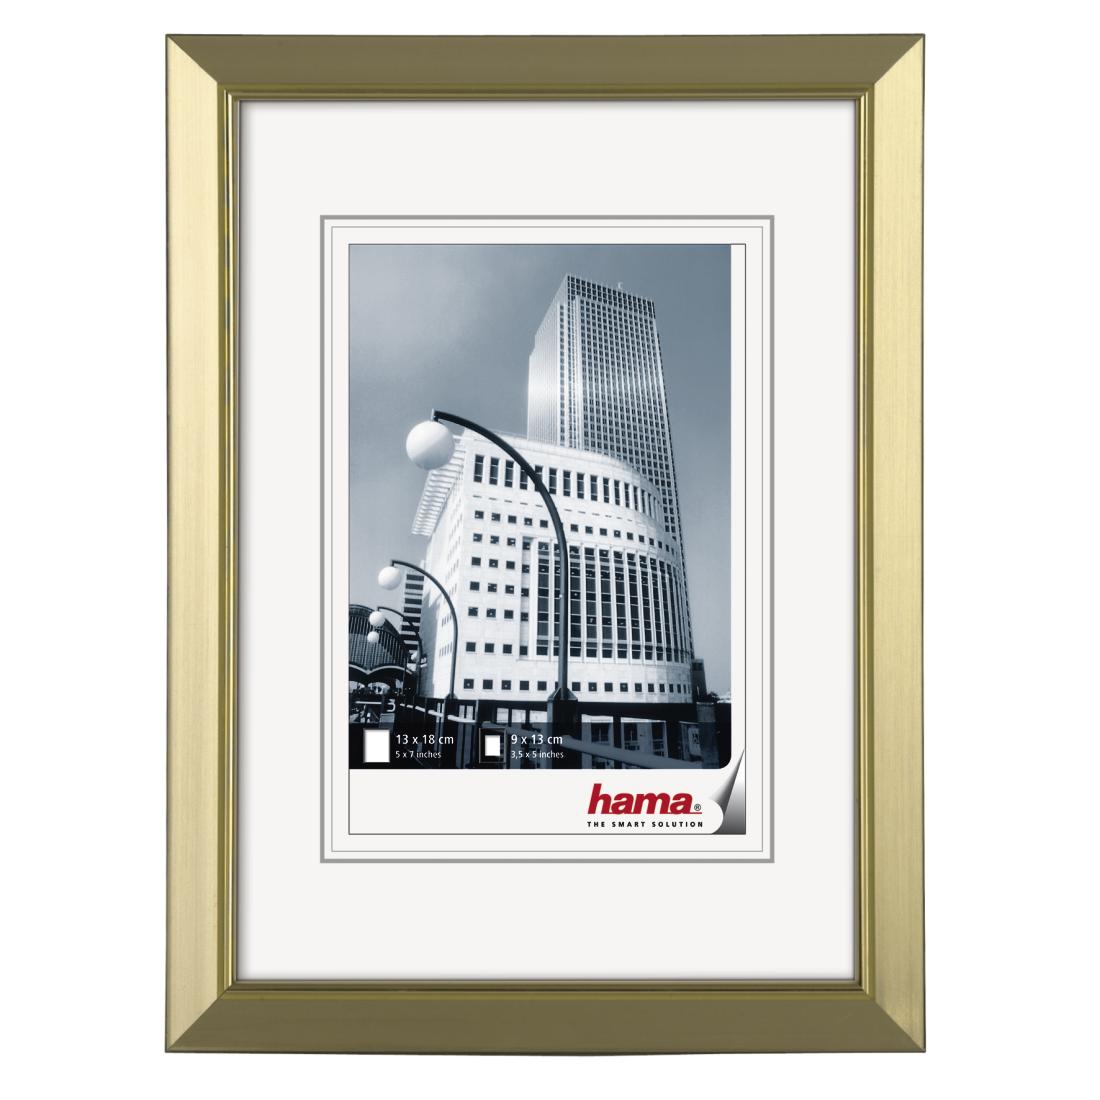 00058875 Hama Valencia Plastic Frame Gold 20 X 30 Cm Hama De